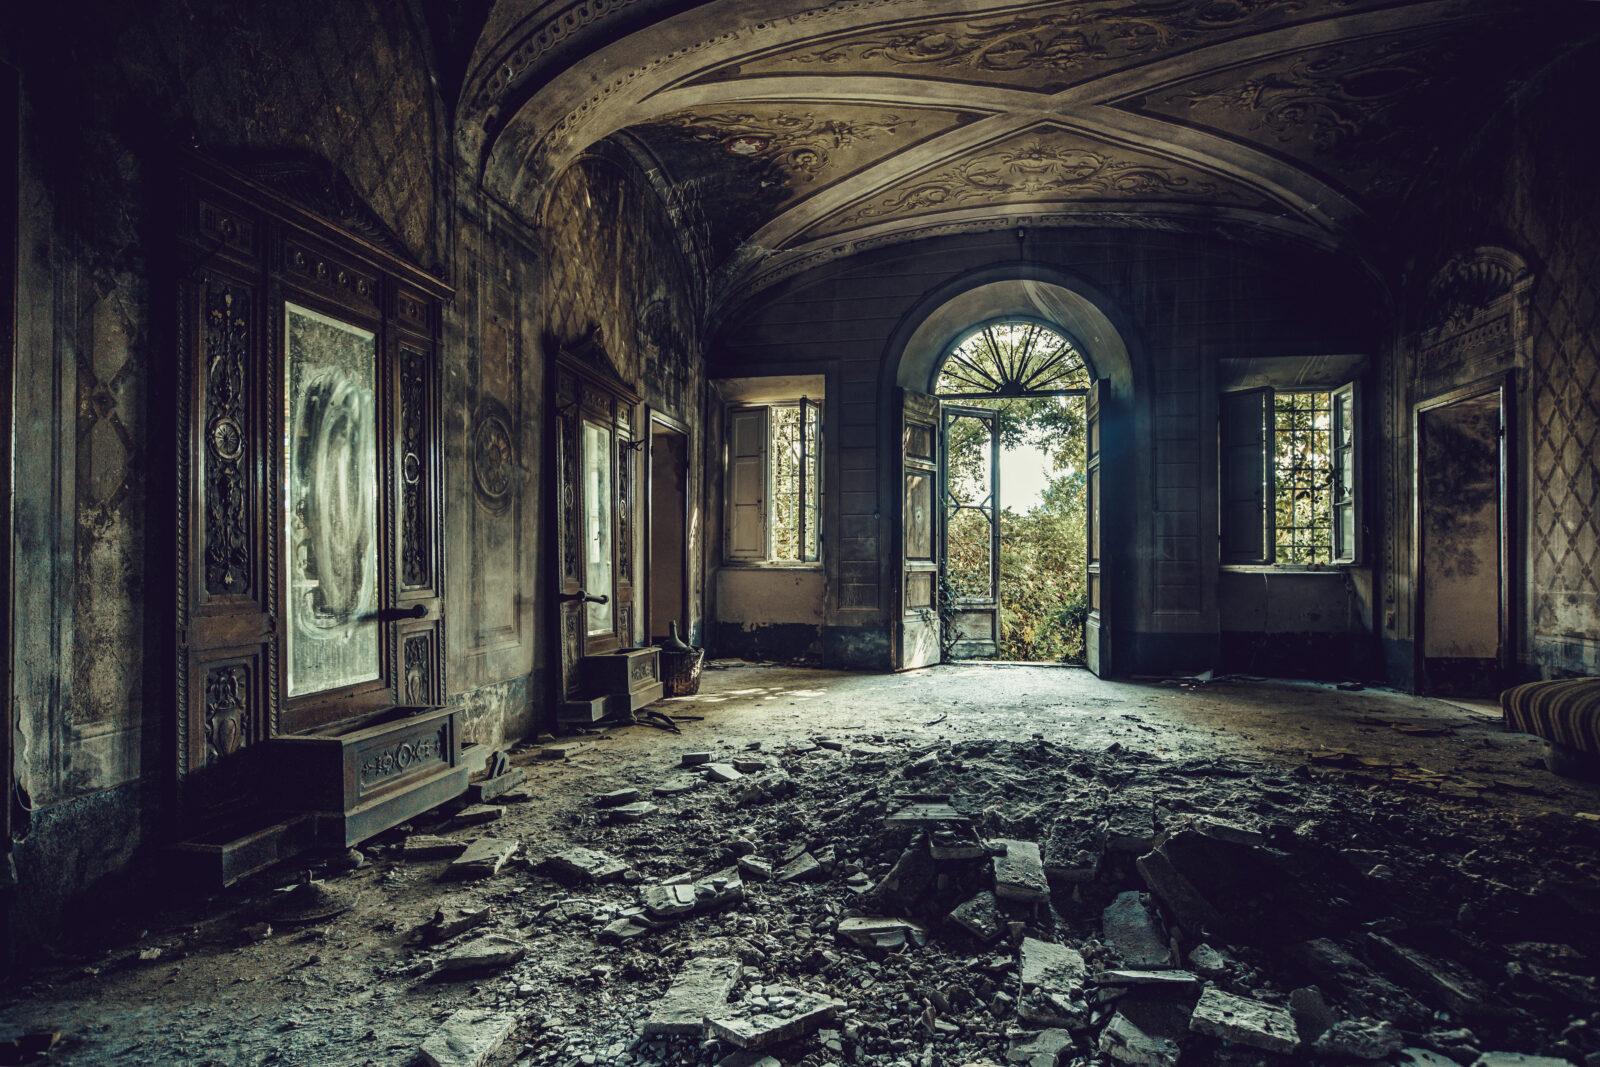 Villa degli specchi gemalli